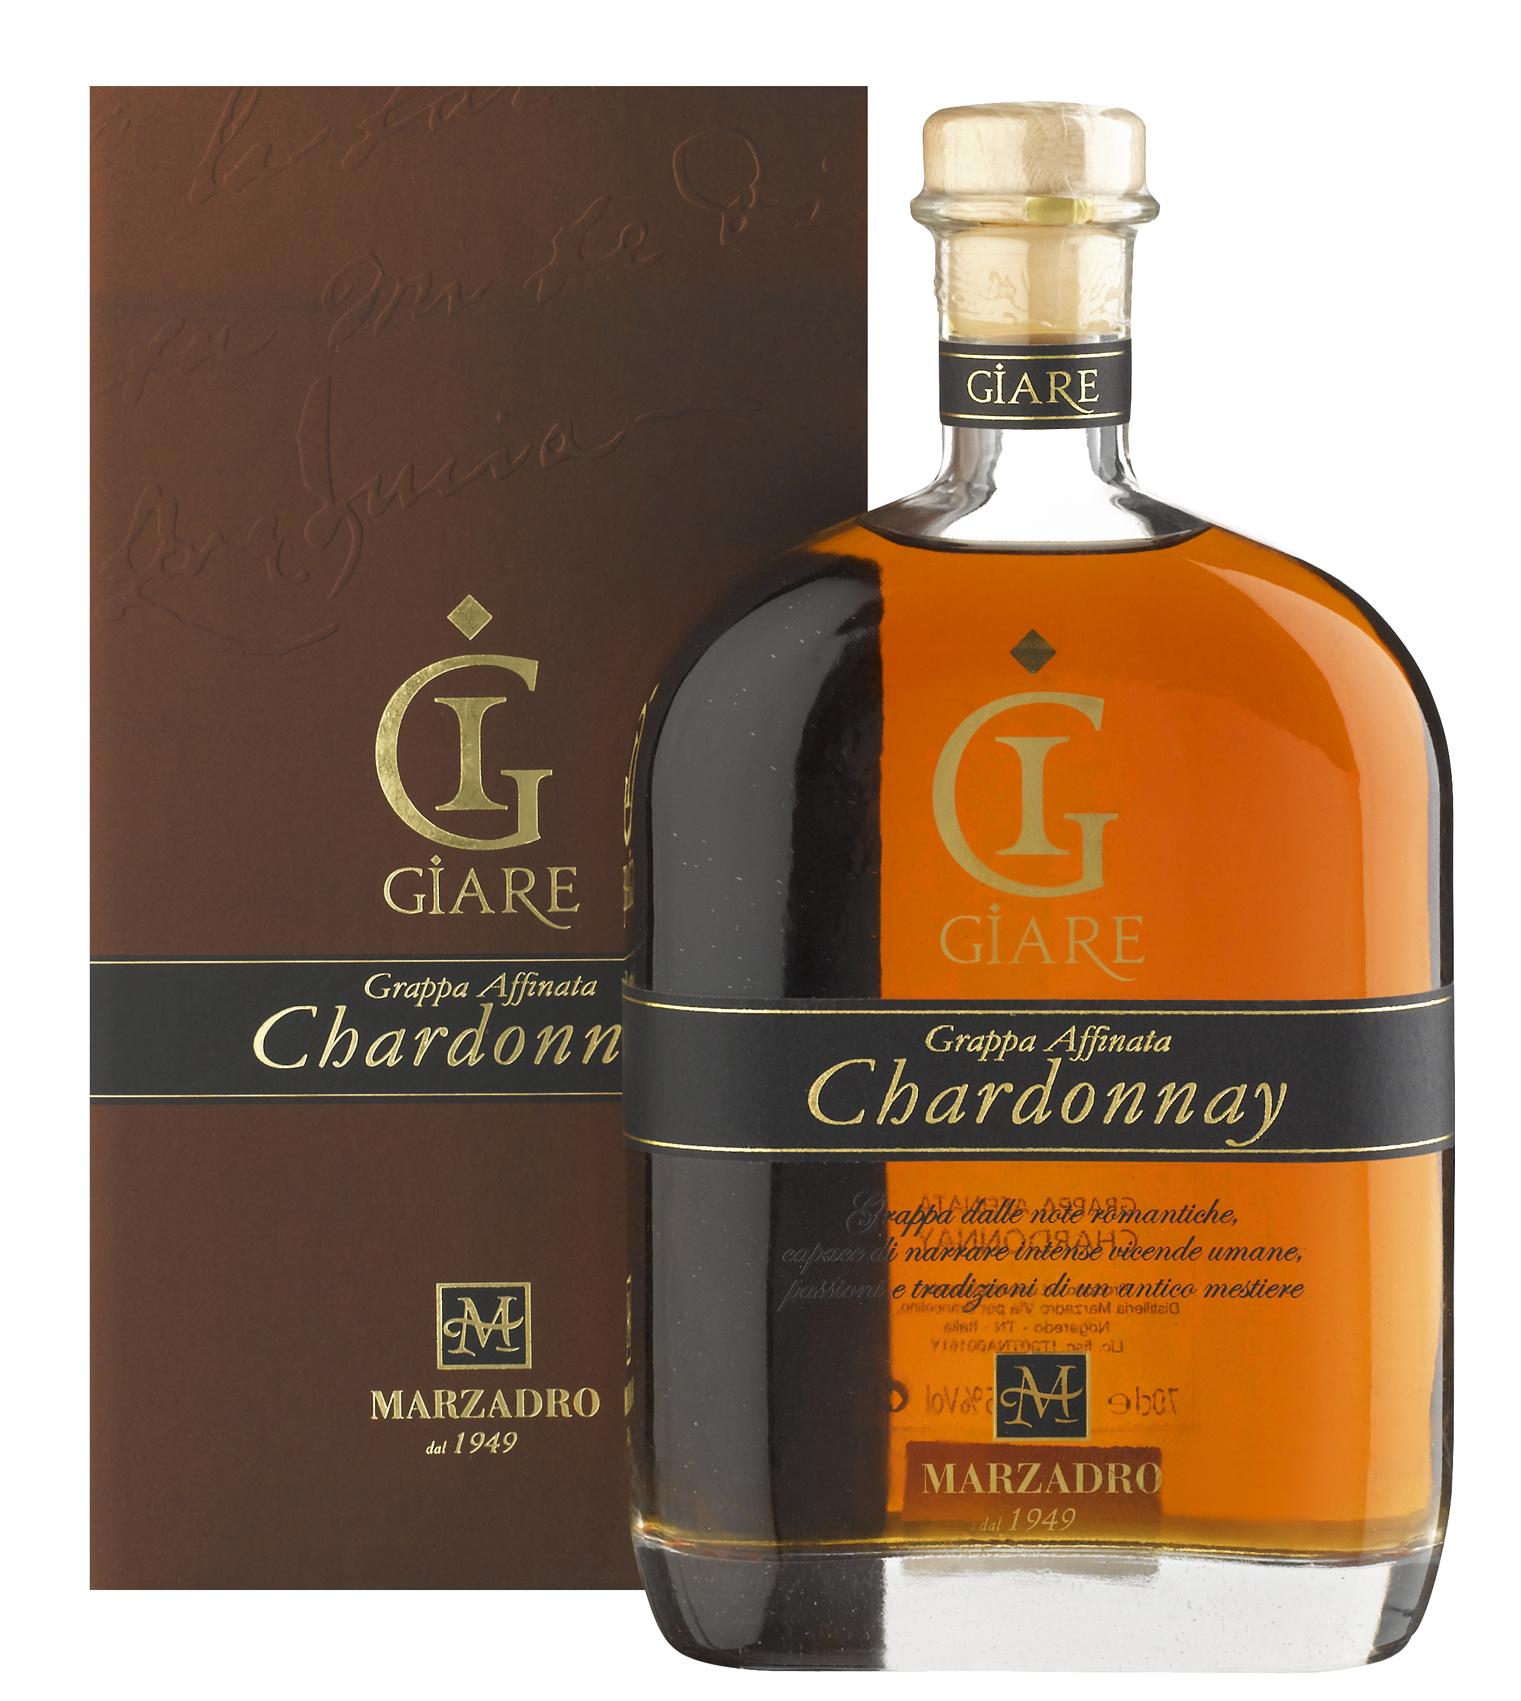 Grappa Marzadro Le Giare Chardonnay 45%0,7l